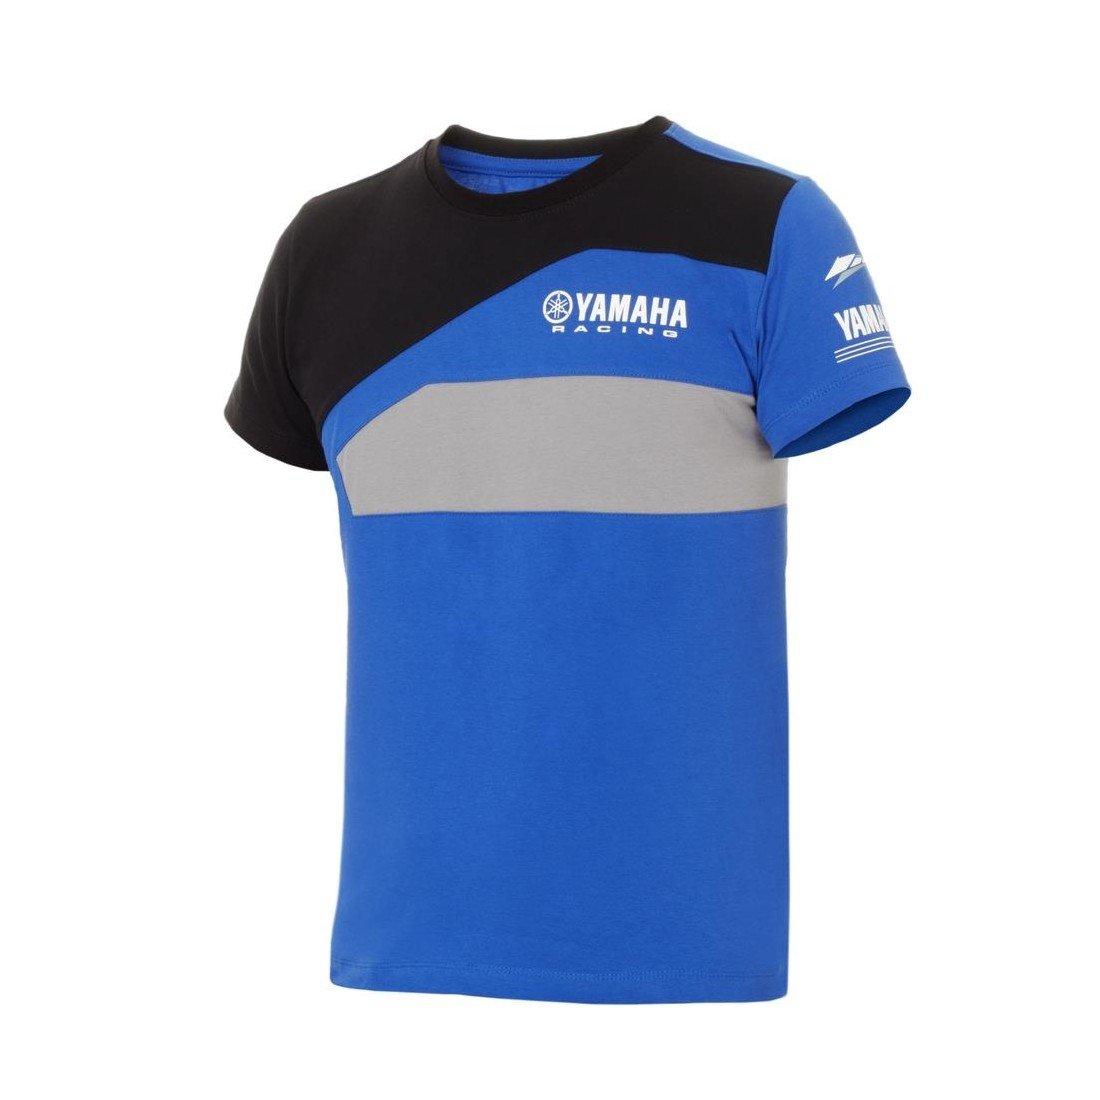 Yamaha dětské tričko Paddock Blue VARDE 2018 modrá/černá 3-4 roky